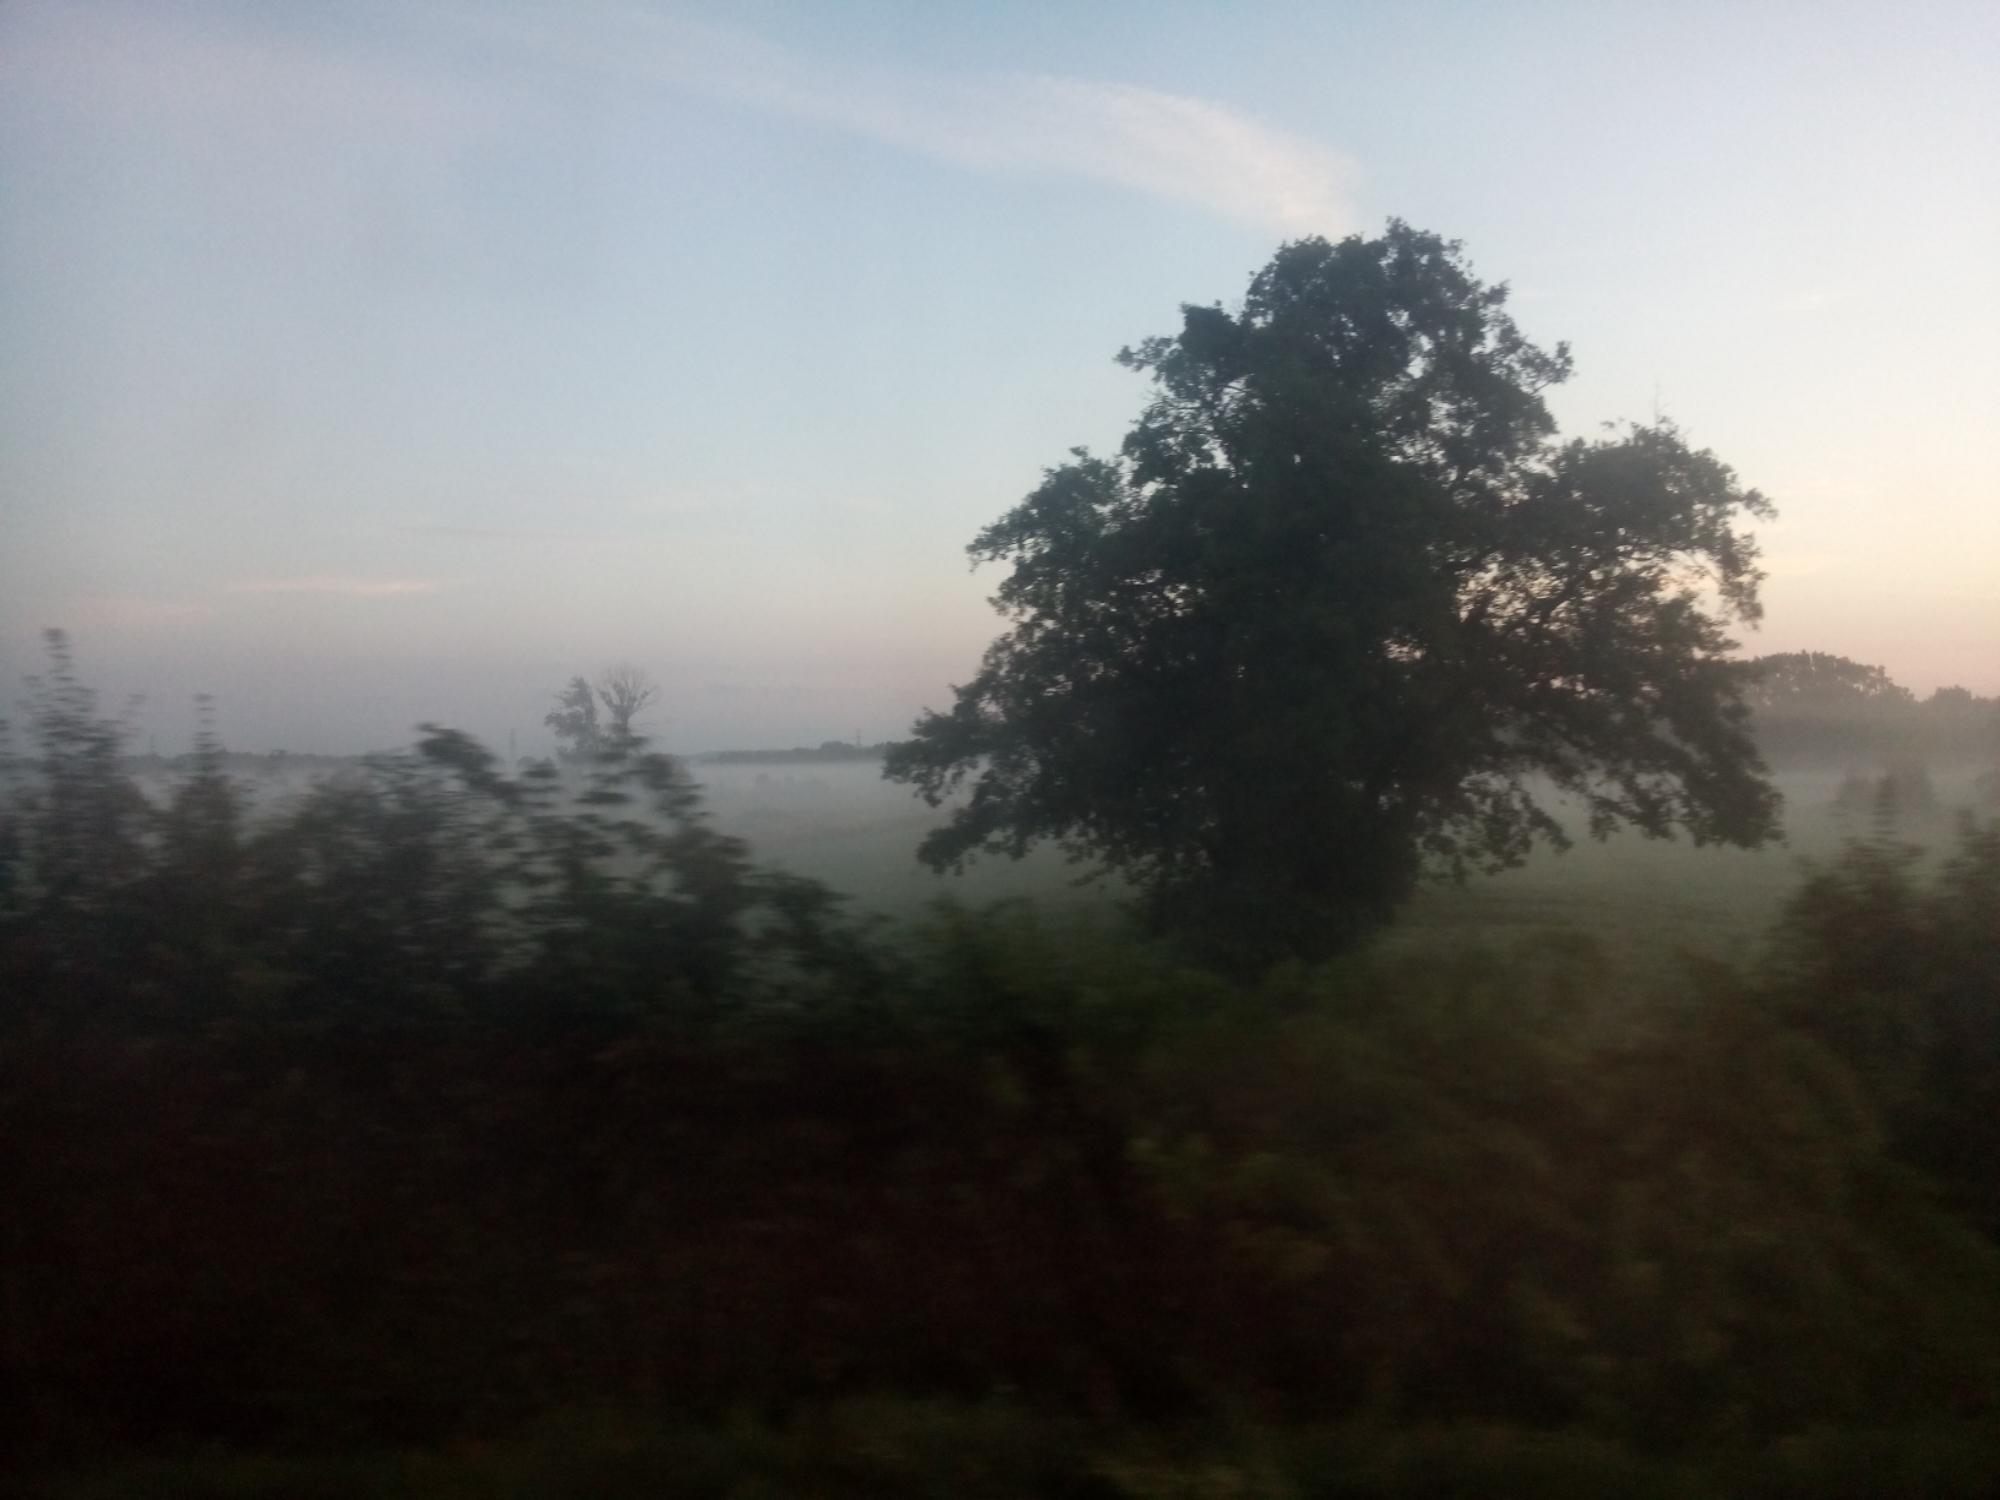 Fünf Uhr morgens liegt der Nebel auf dem Land.